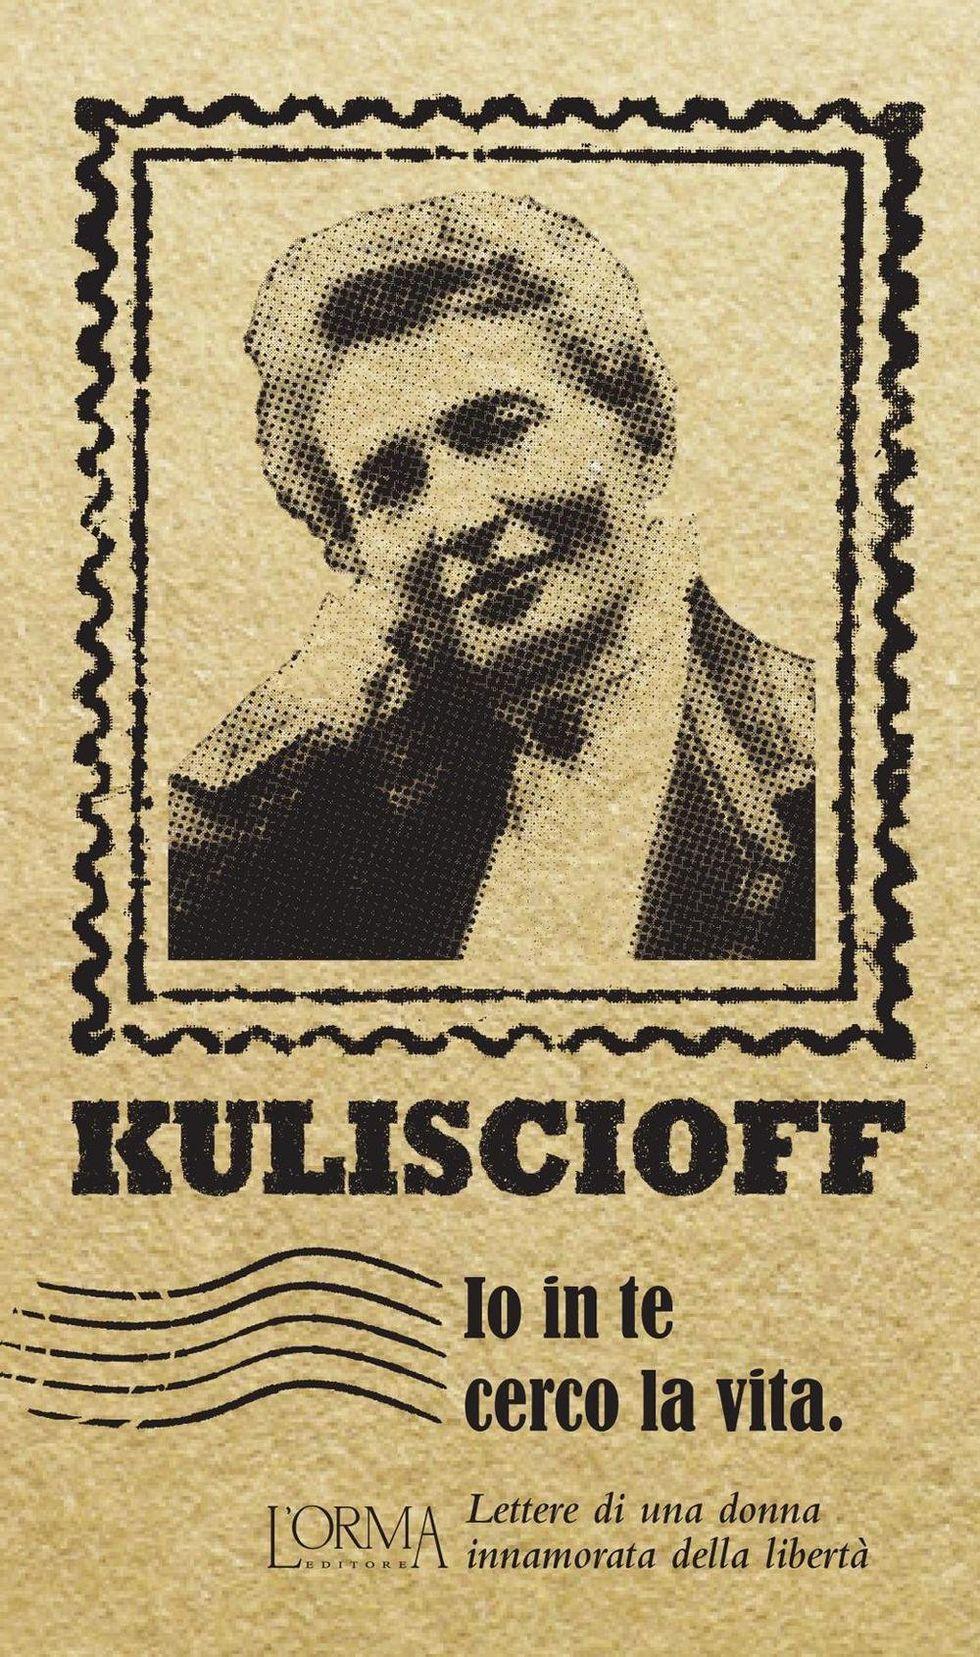 ANNA KULISCIOFF Kuliscioff-1556635283